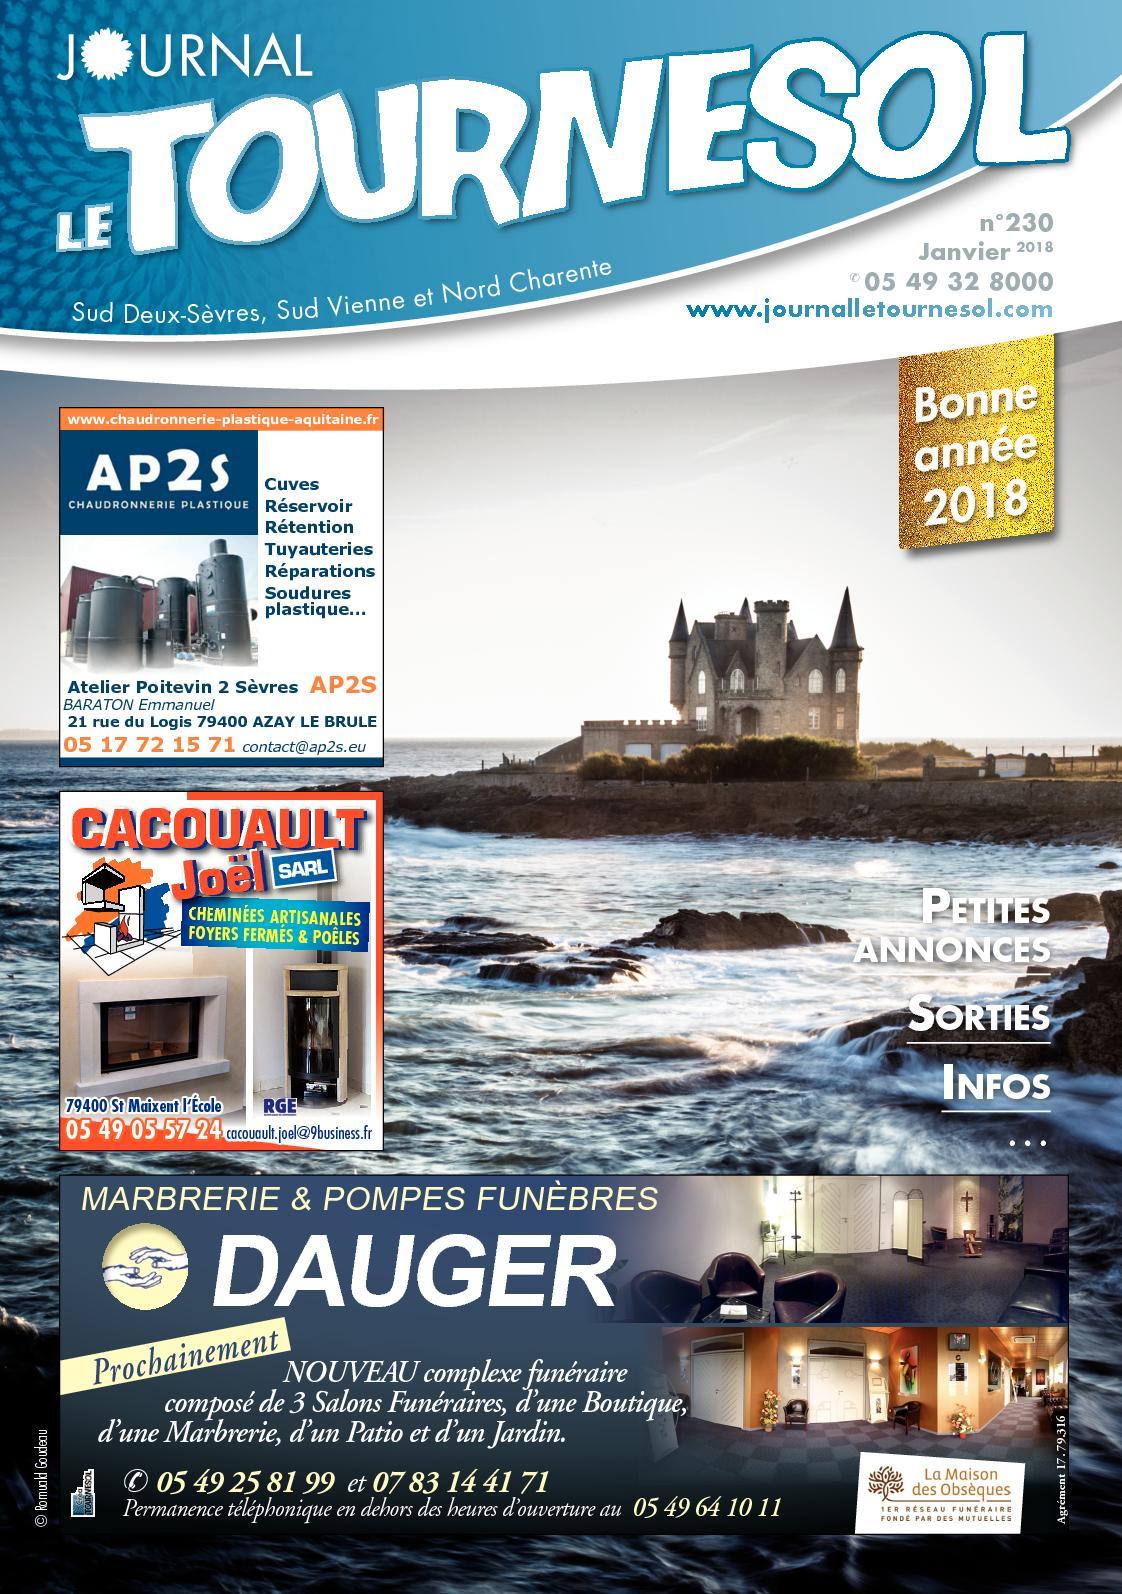 E Leclerc Livraison Nouveau Calaméo Journal Le tournesol Janvier 2018 Of 28 Beau E Leclerc Livraison